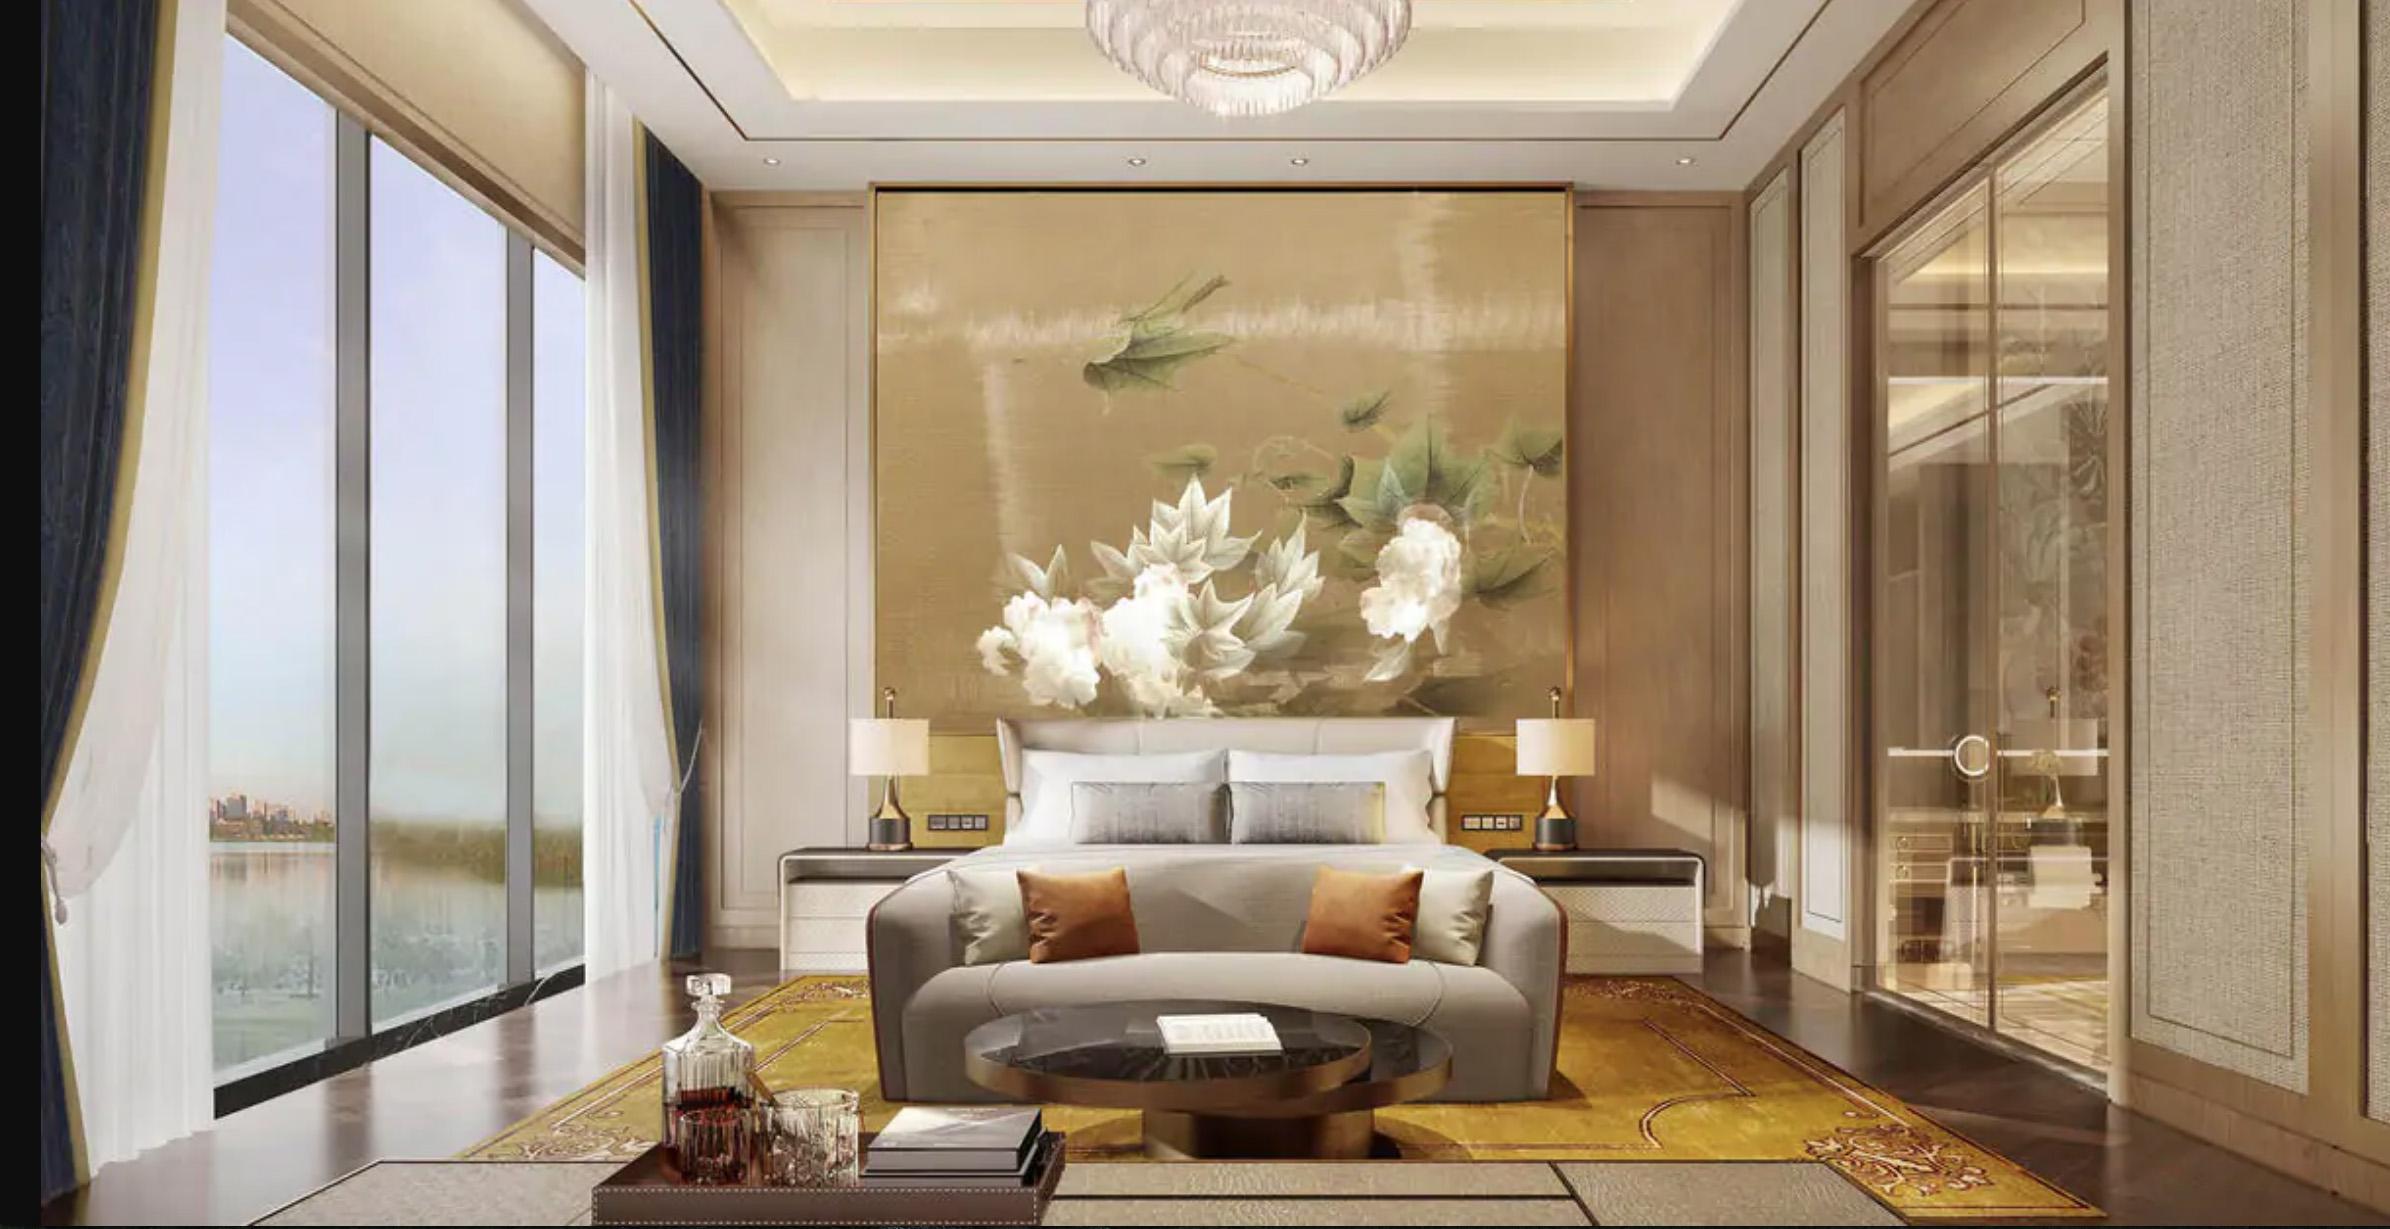 Habitación del hotel Gran Meliá Chengdu.